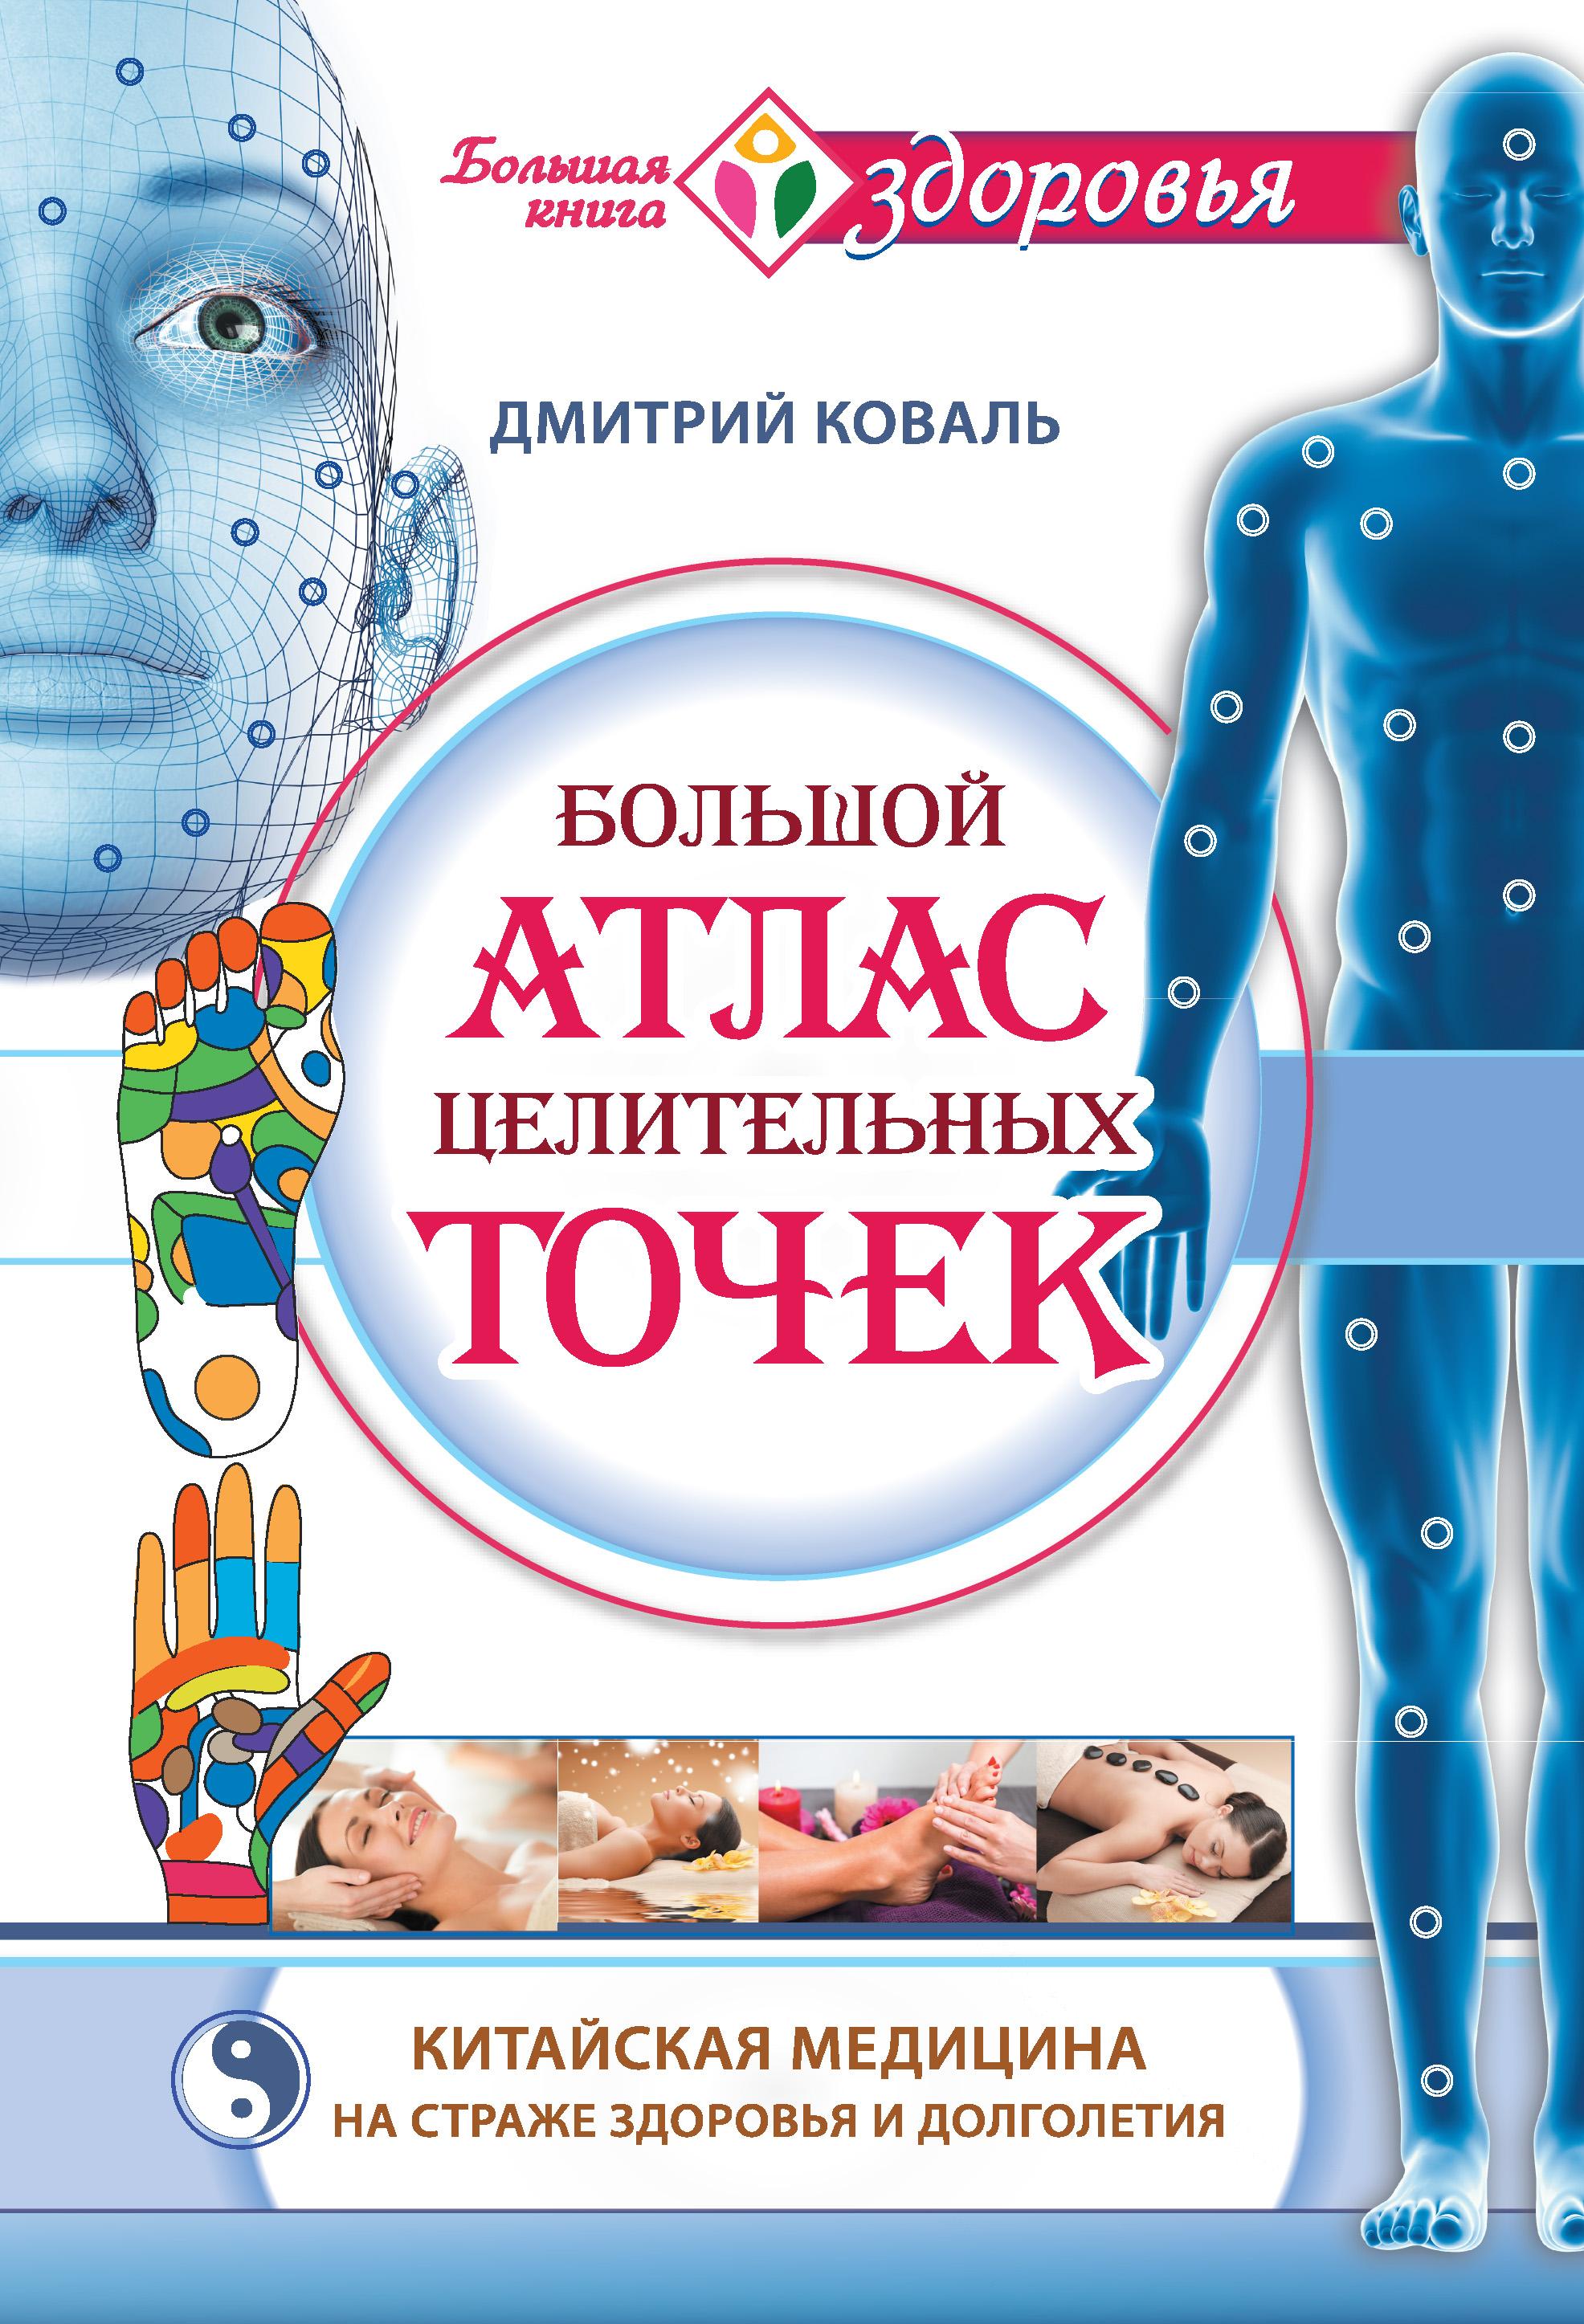 Дмитрий Коваль «Большой атлас целительных точек. Китайская медицина на страже здоровья и долголетия»